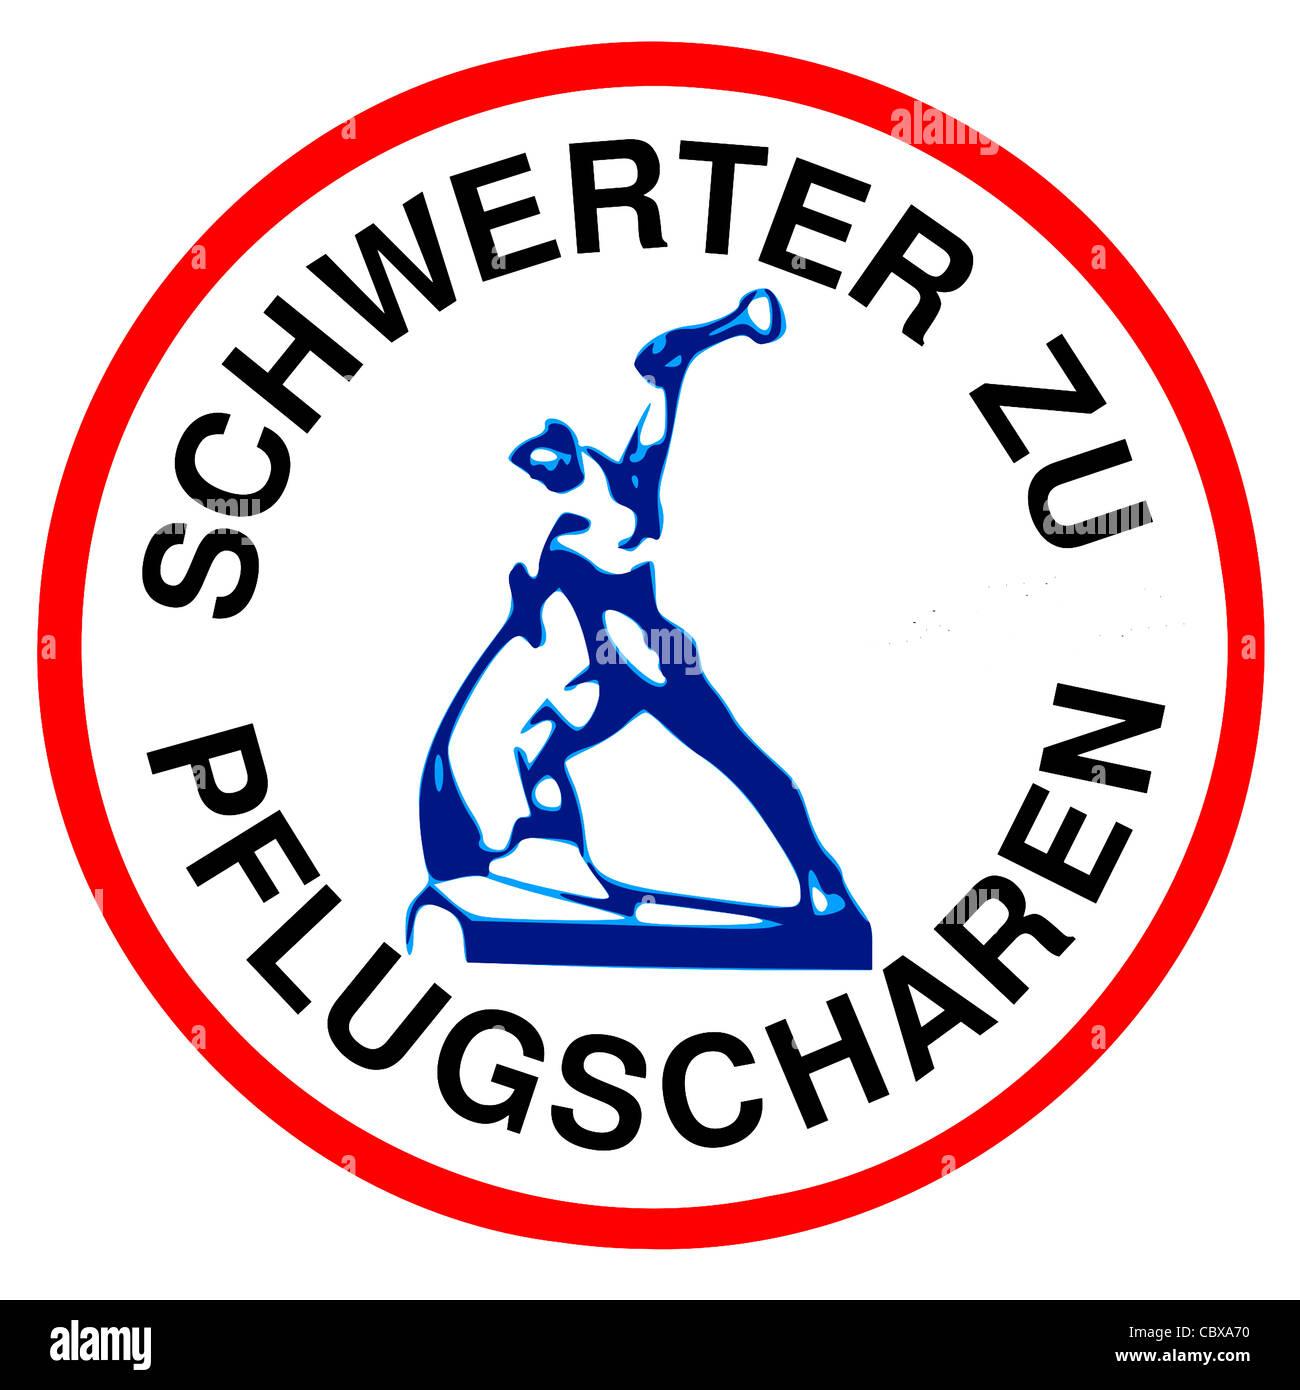 Logo du mouvement de la paix de la RDA. Photo Stock